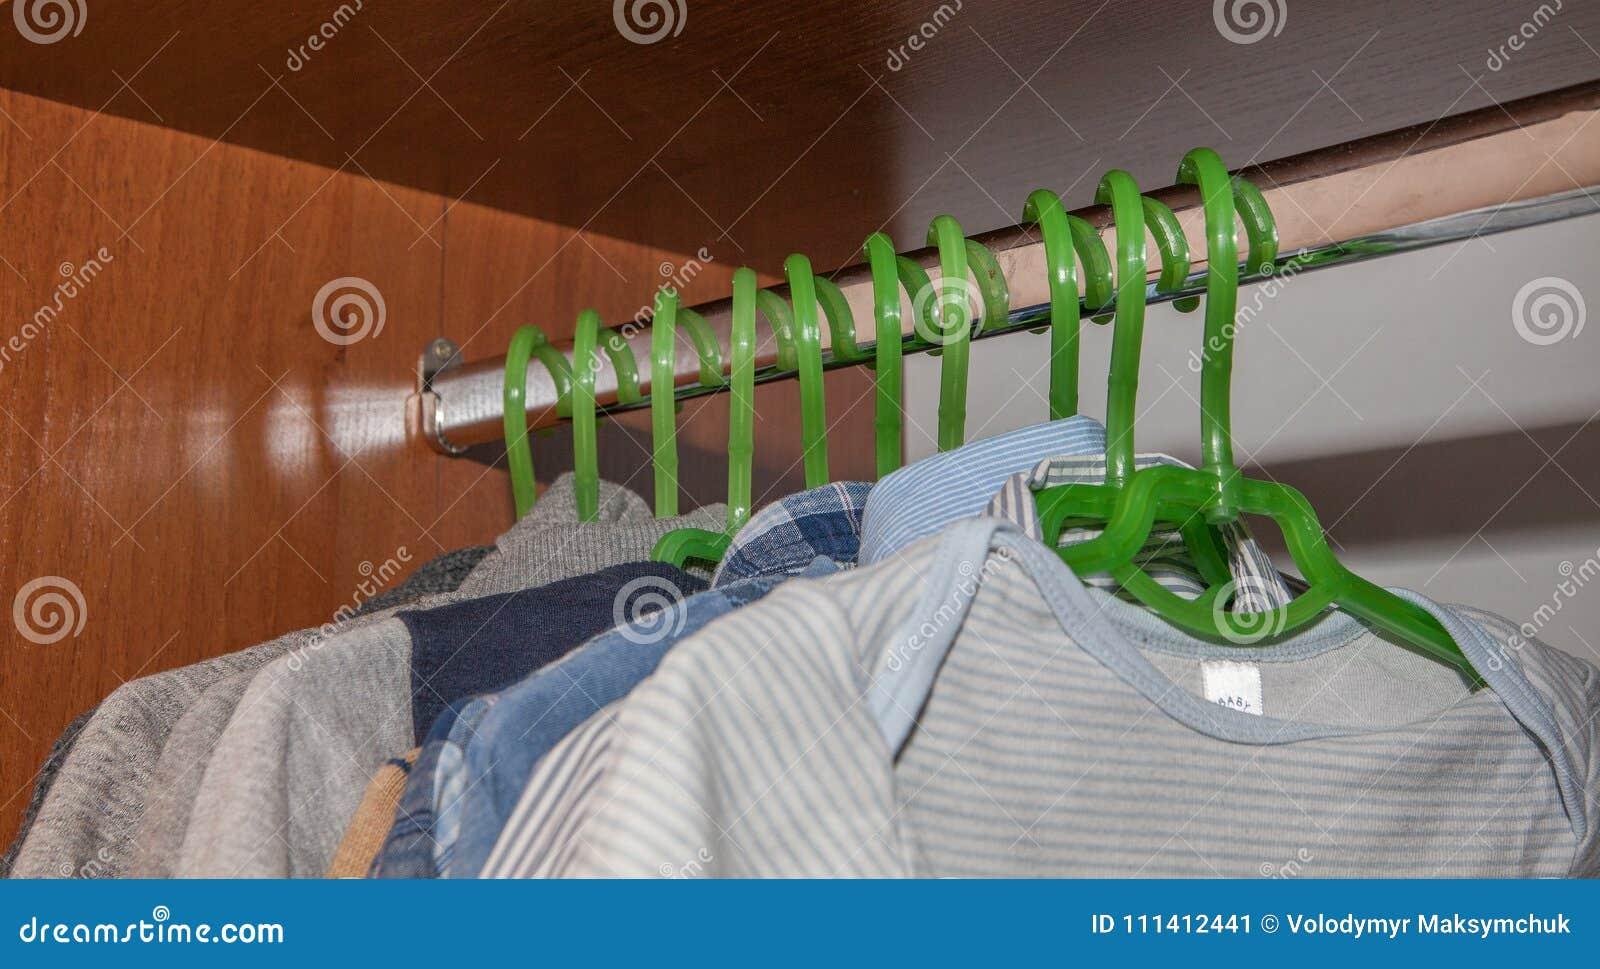 Одевать шкаф с комплементарными одеждами аранжировал на вешалках Красочный шкаф newborn, дети, младенцы вполне всех одежд, ботинк